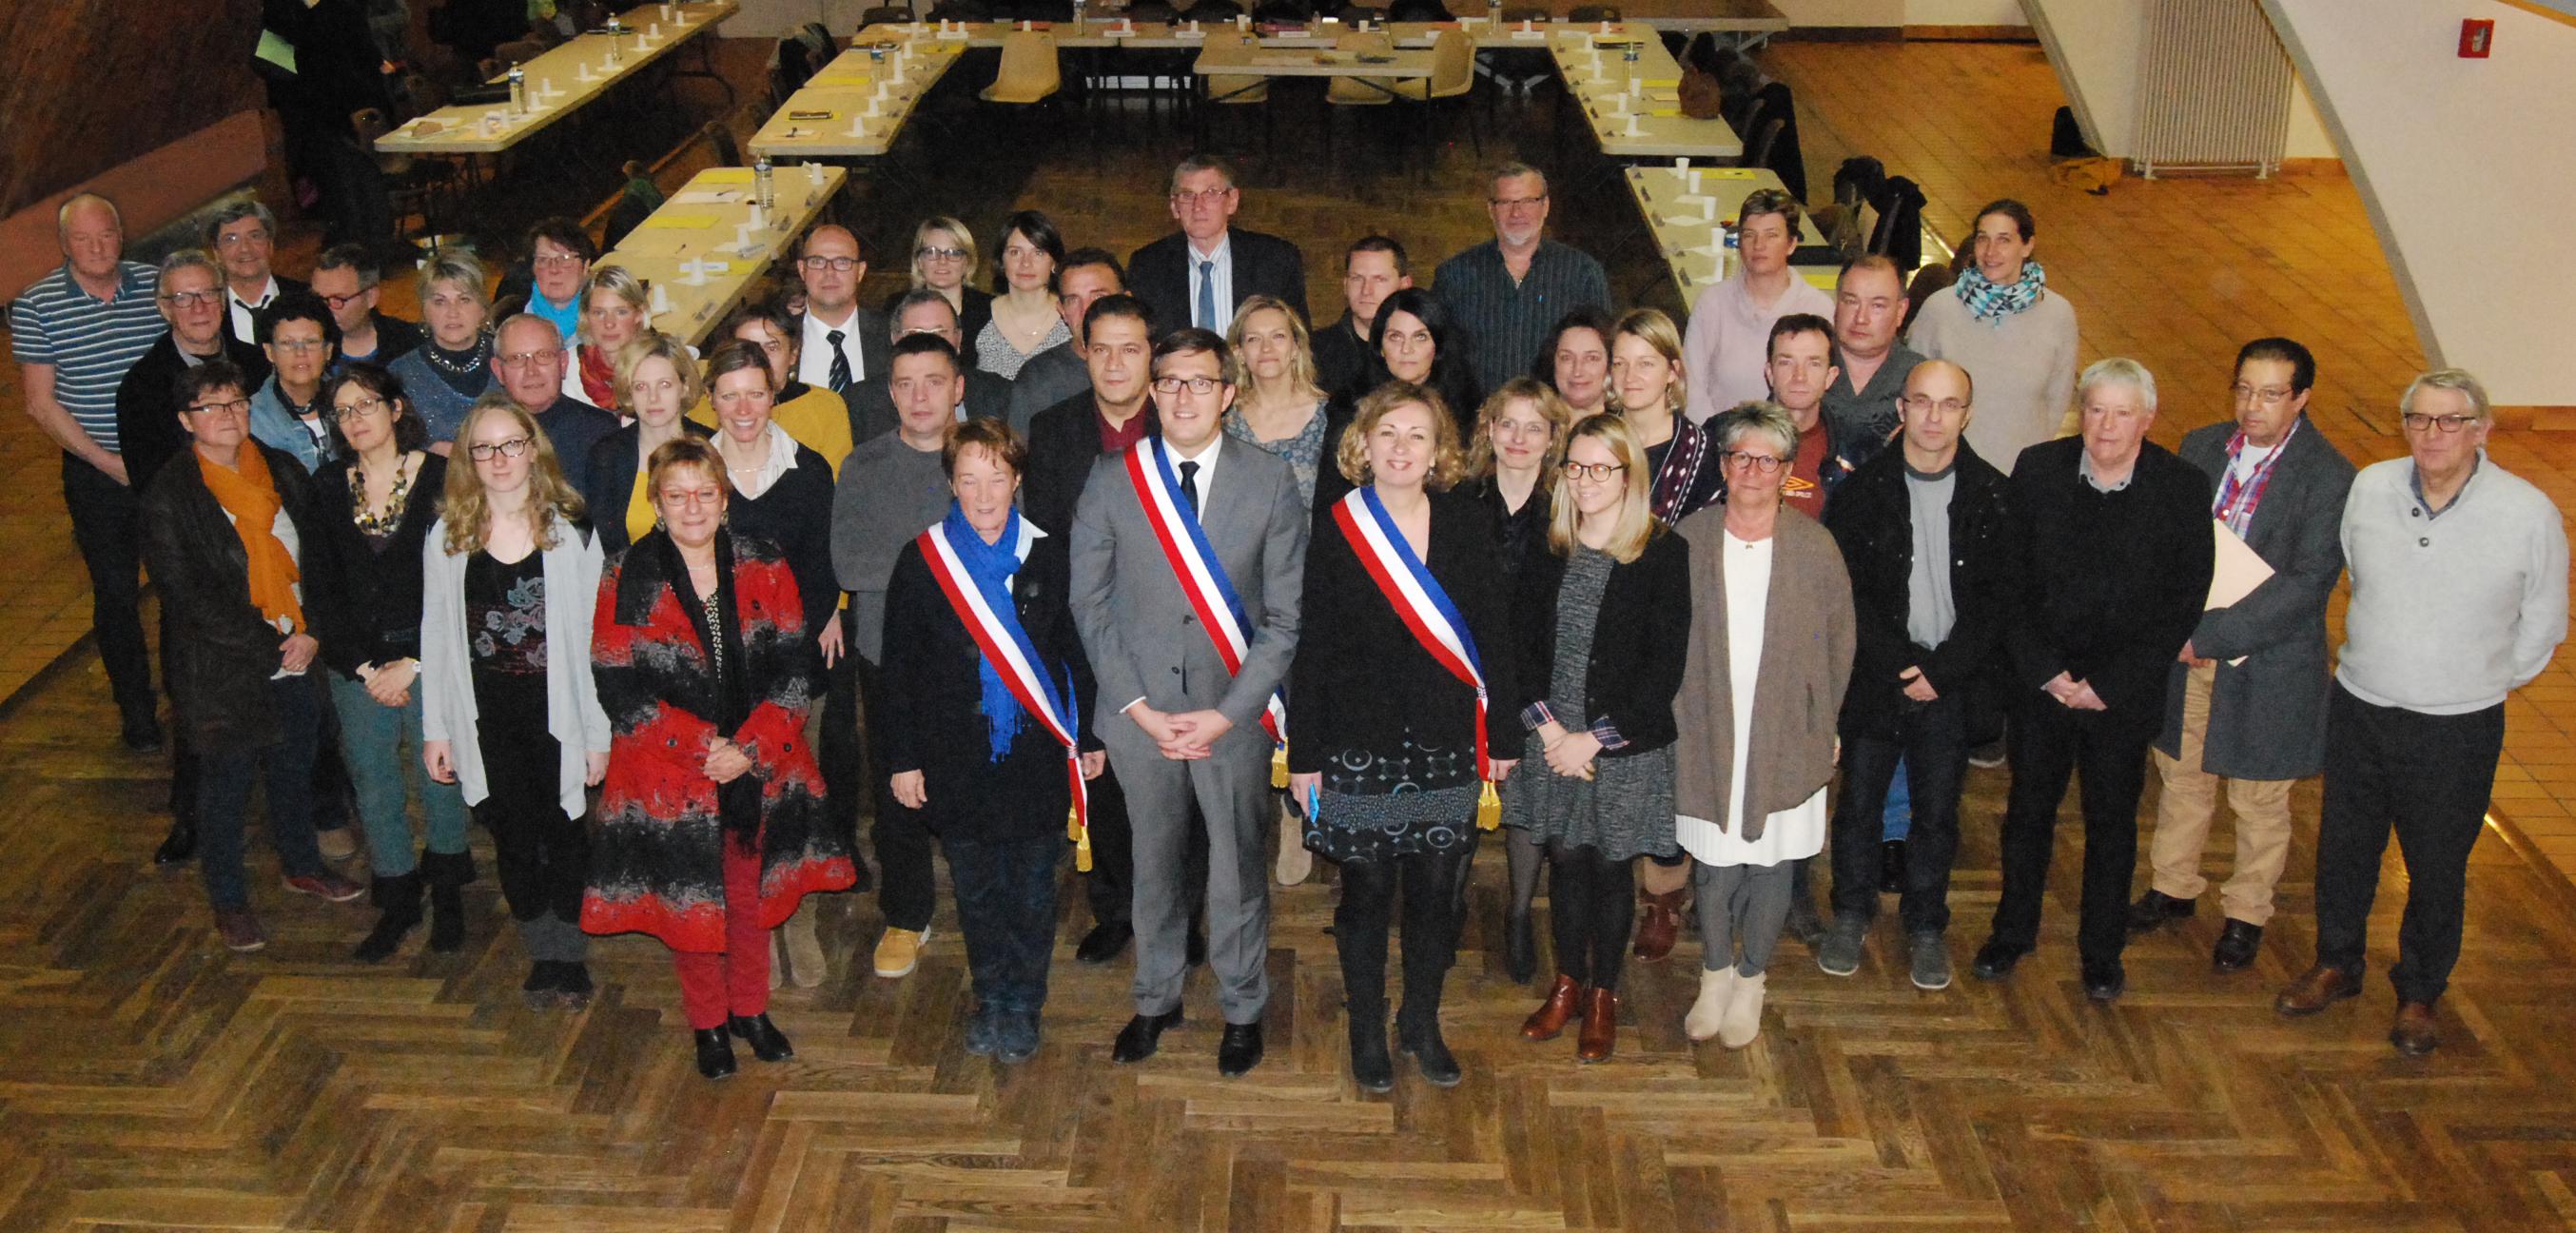 équipe municipale de Rives-en-Seine